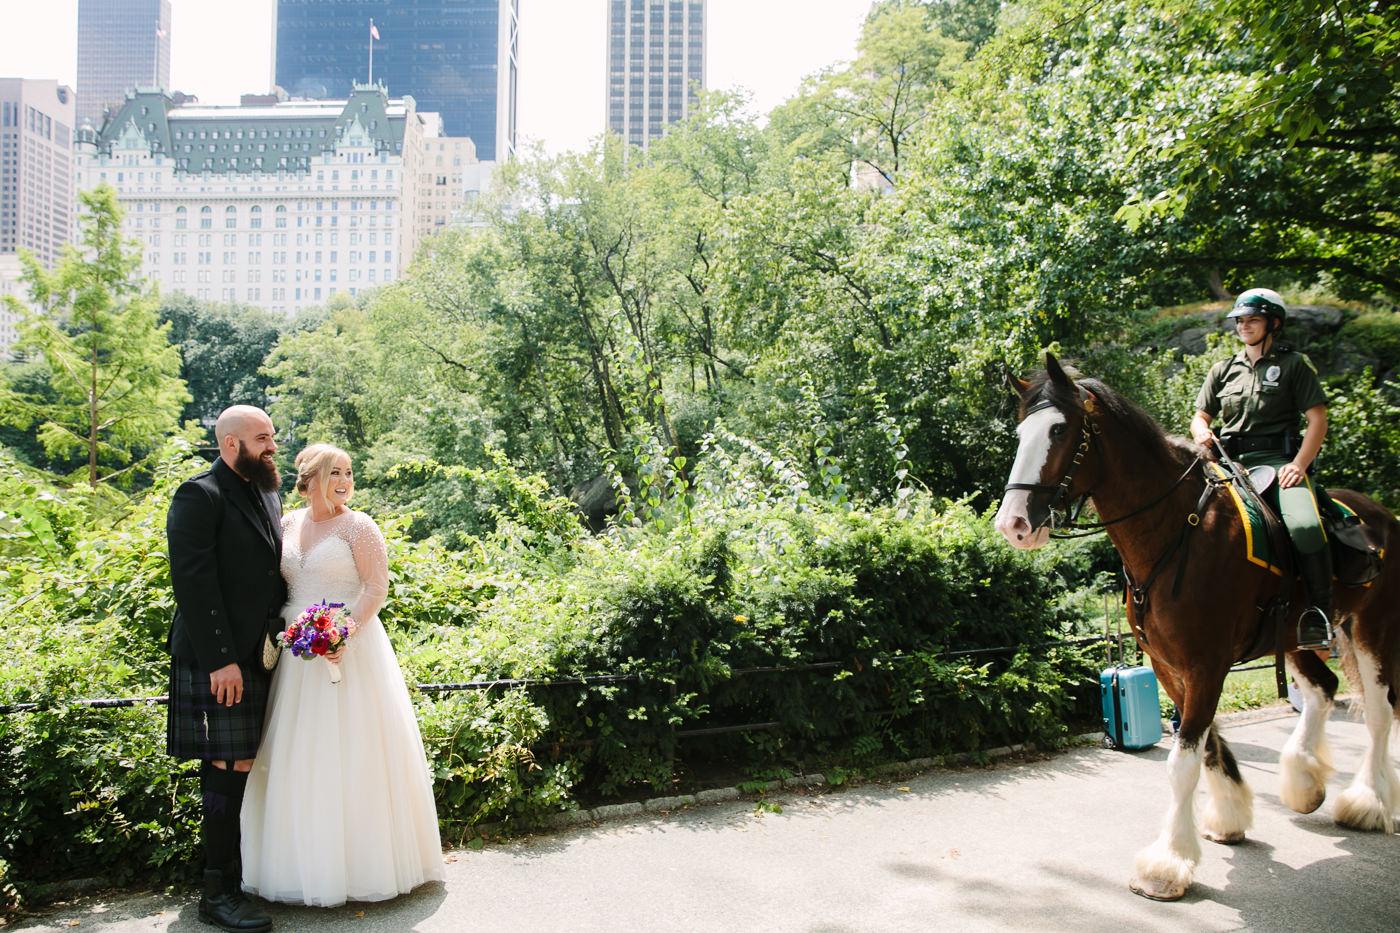 Central Park-Gapstow-bridge-wedding_H&K-77.jpg